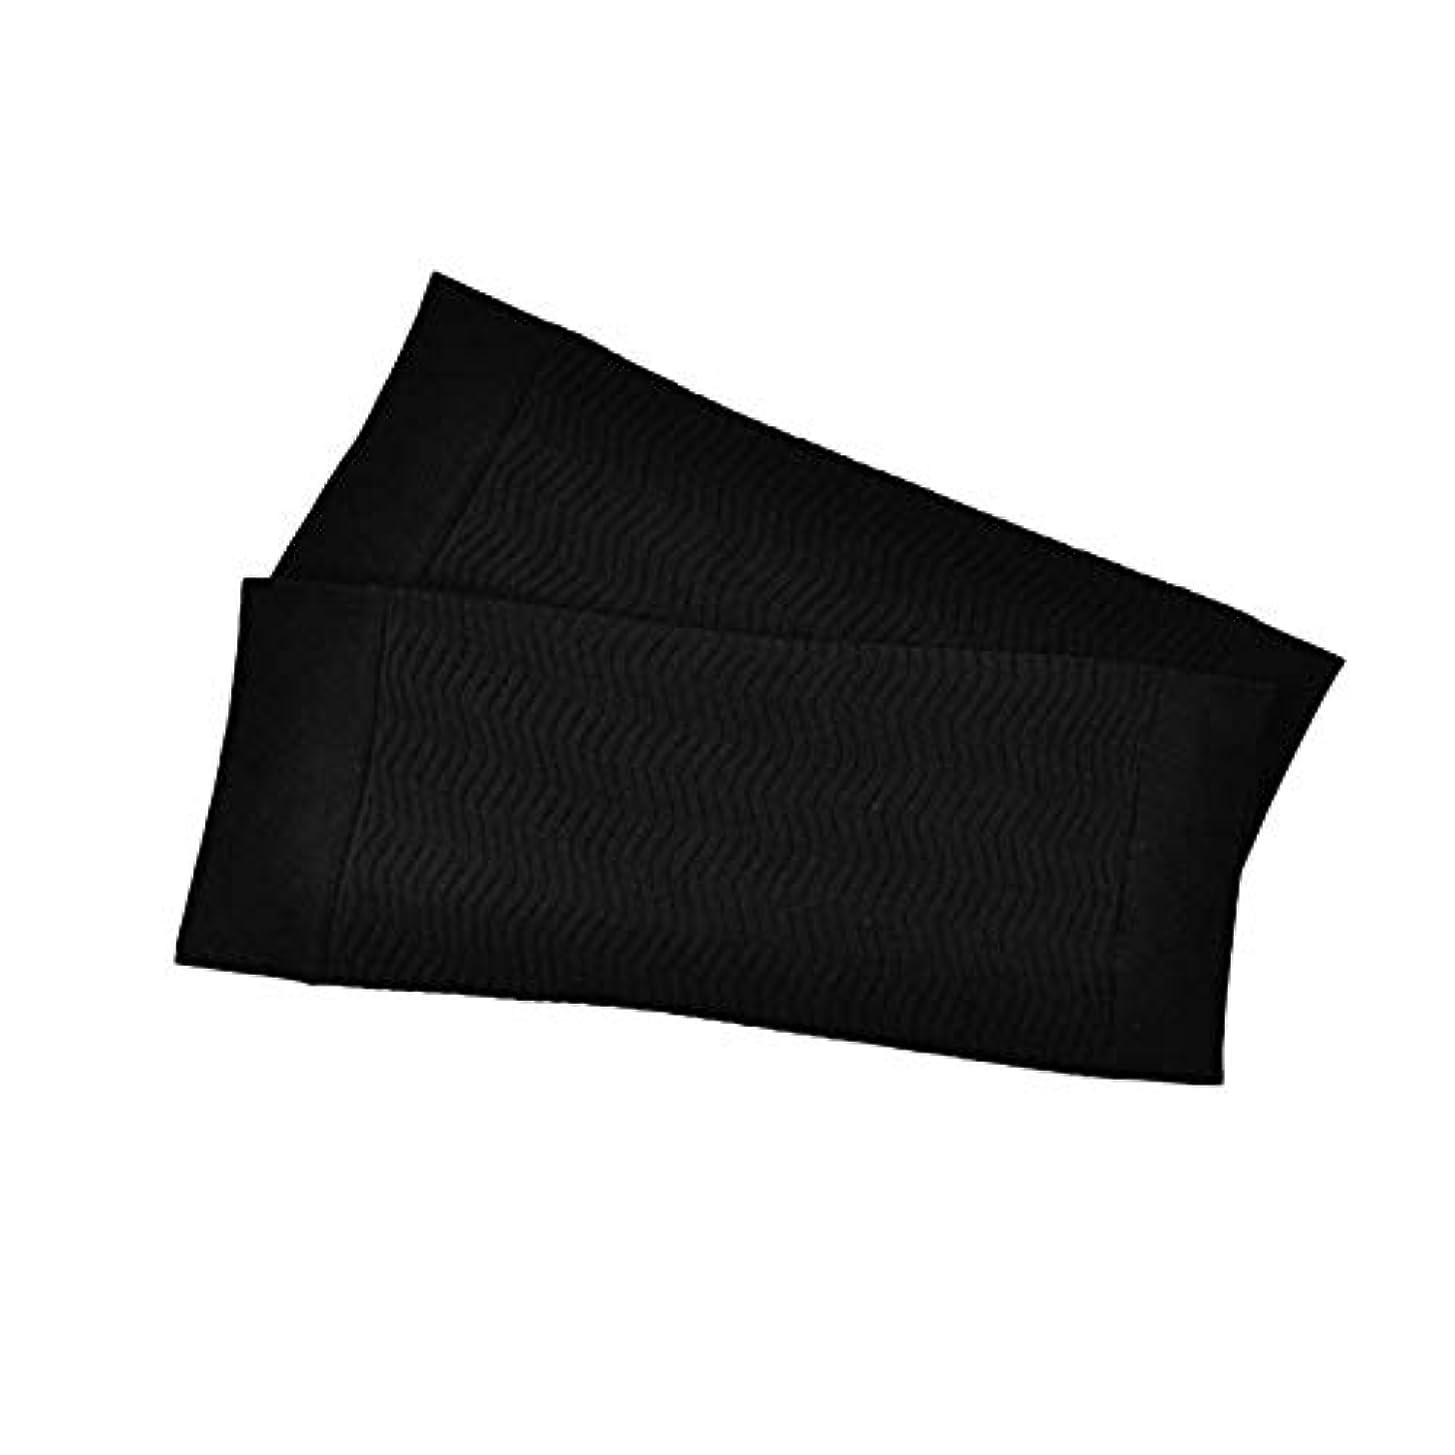 ブリーフケース発明するアサー1ペア680 D圧縮アームシェイパーワークアウトトーニングバーンセルライトスリミングアームスリーブ脂肪燃焼半袖用女性 - ブラック